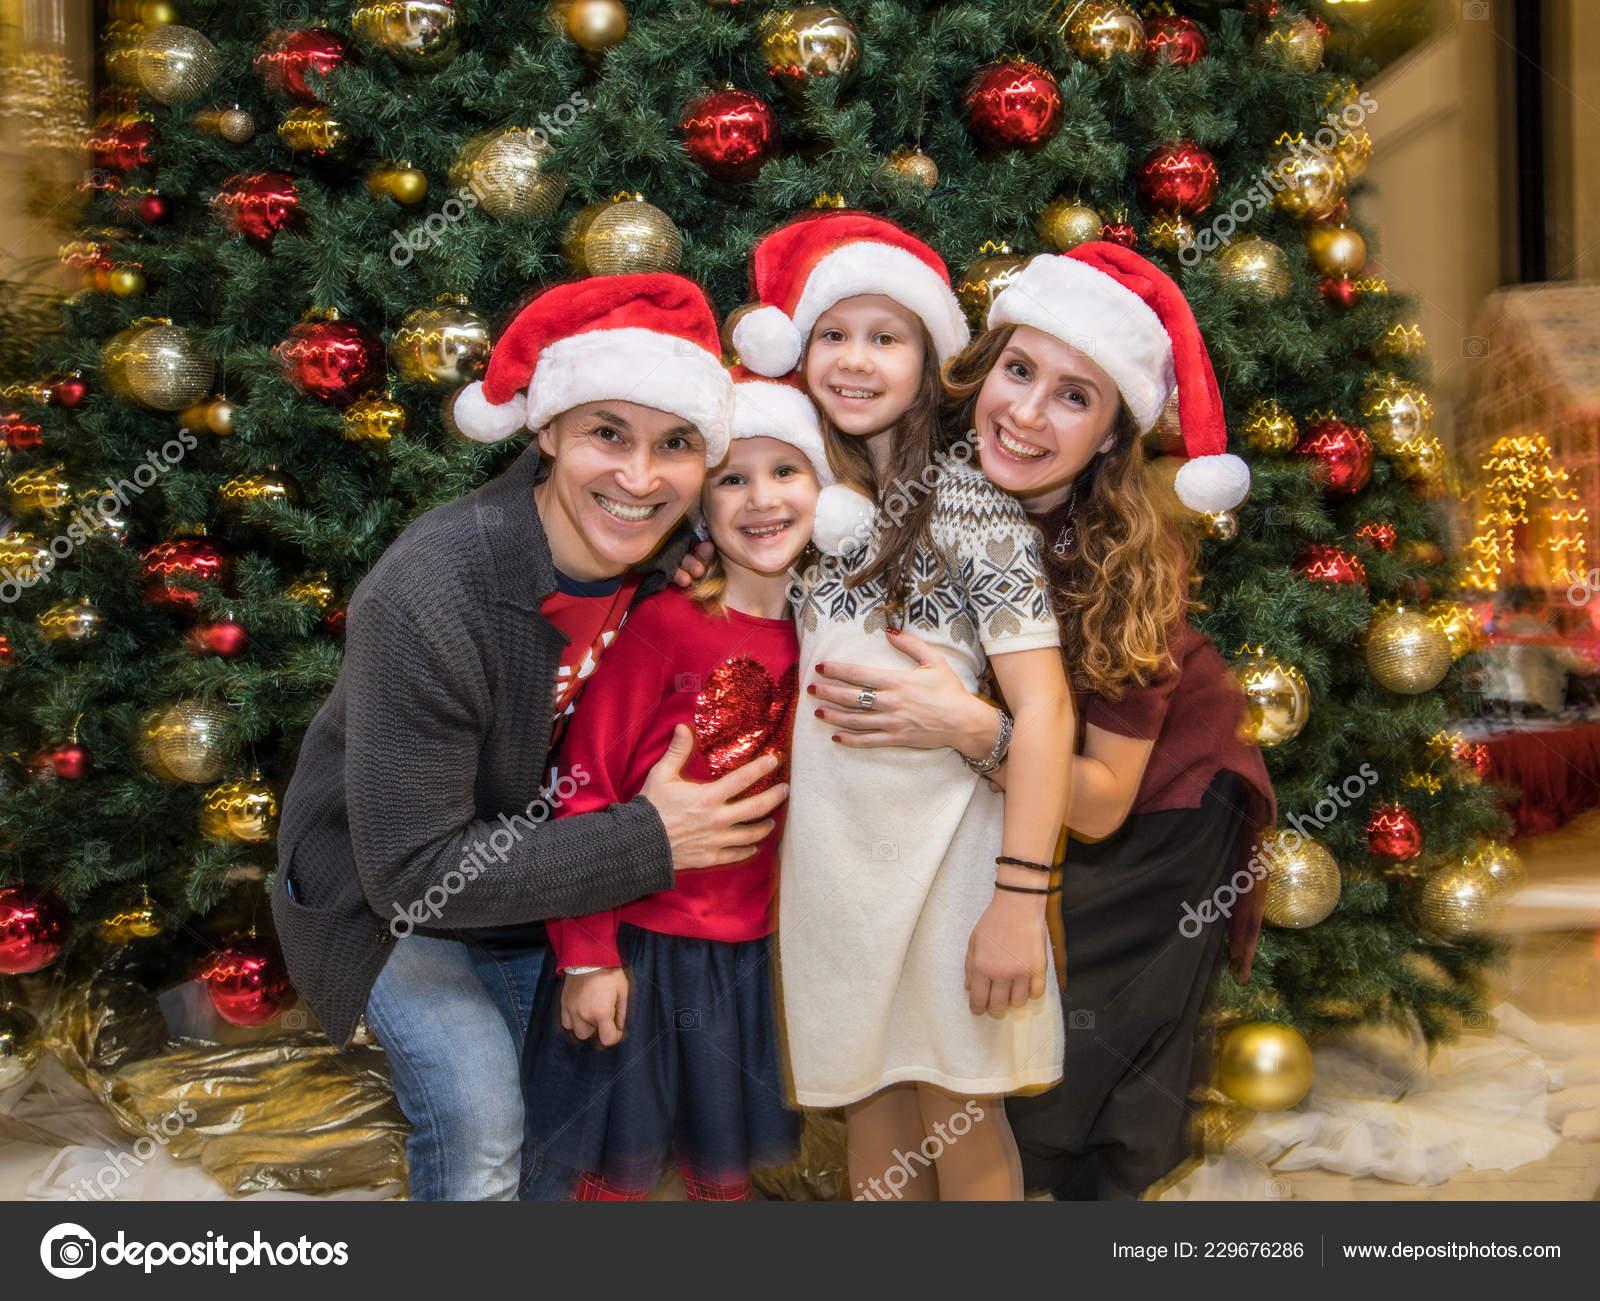 Weihnachten Feiern.Glückliche Familie Weihnachten Feiern Der Nähe Der Feuerstelle Unter